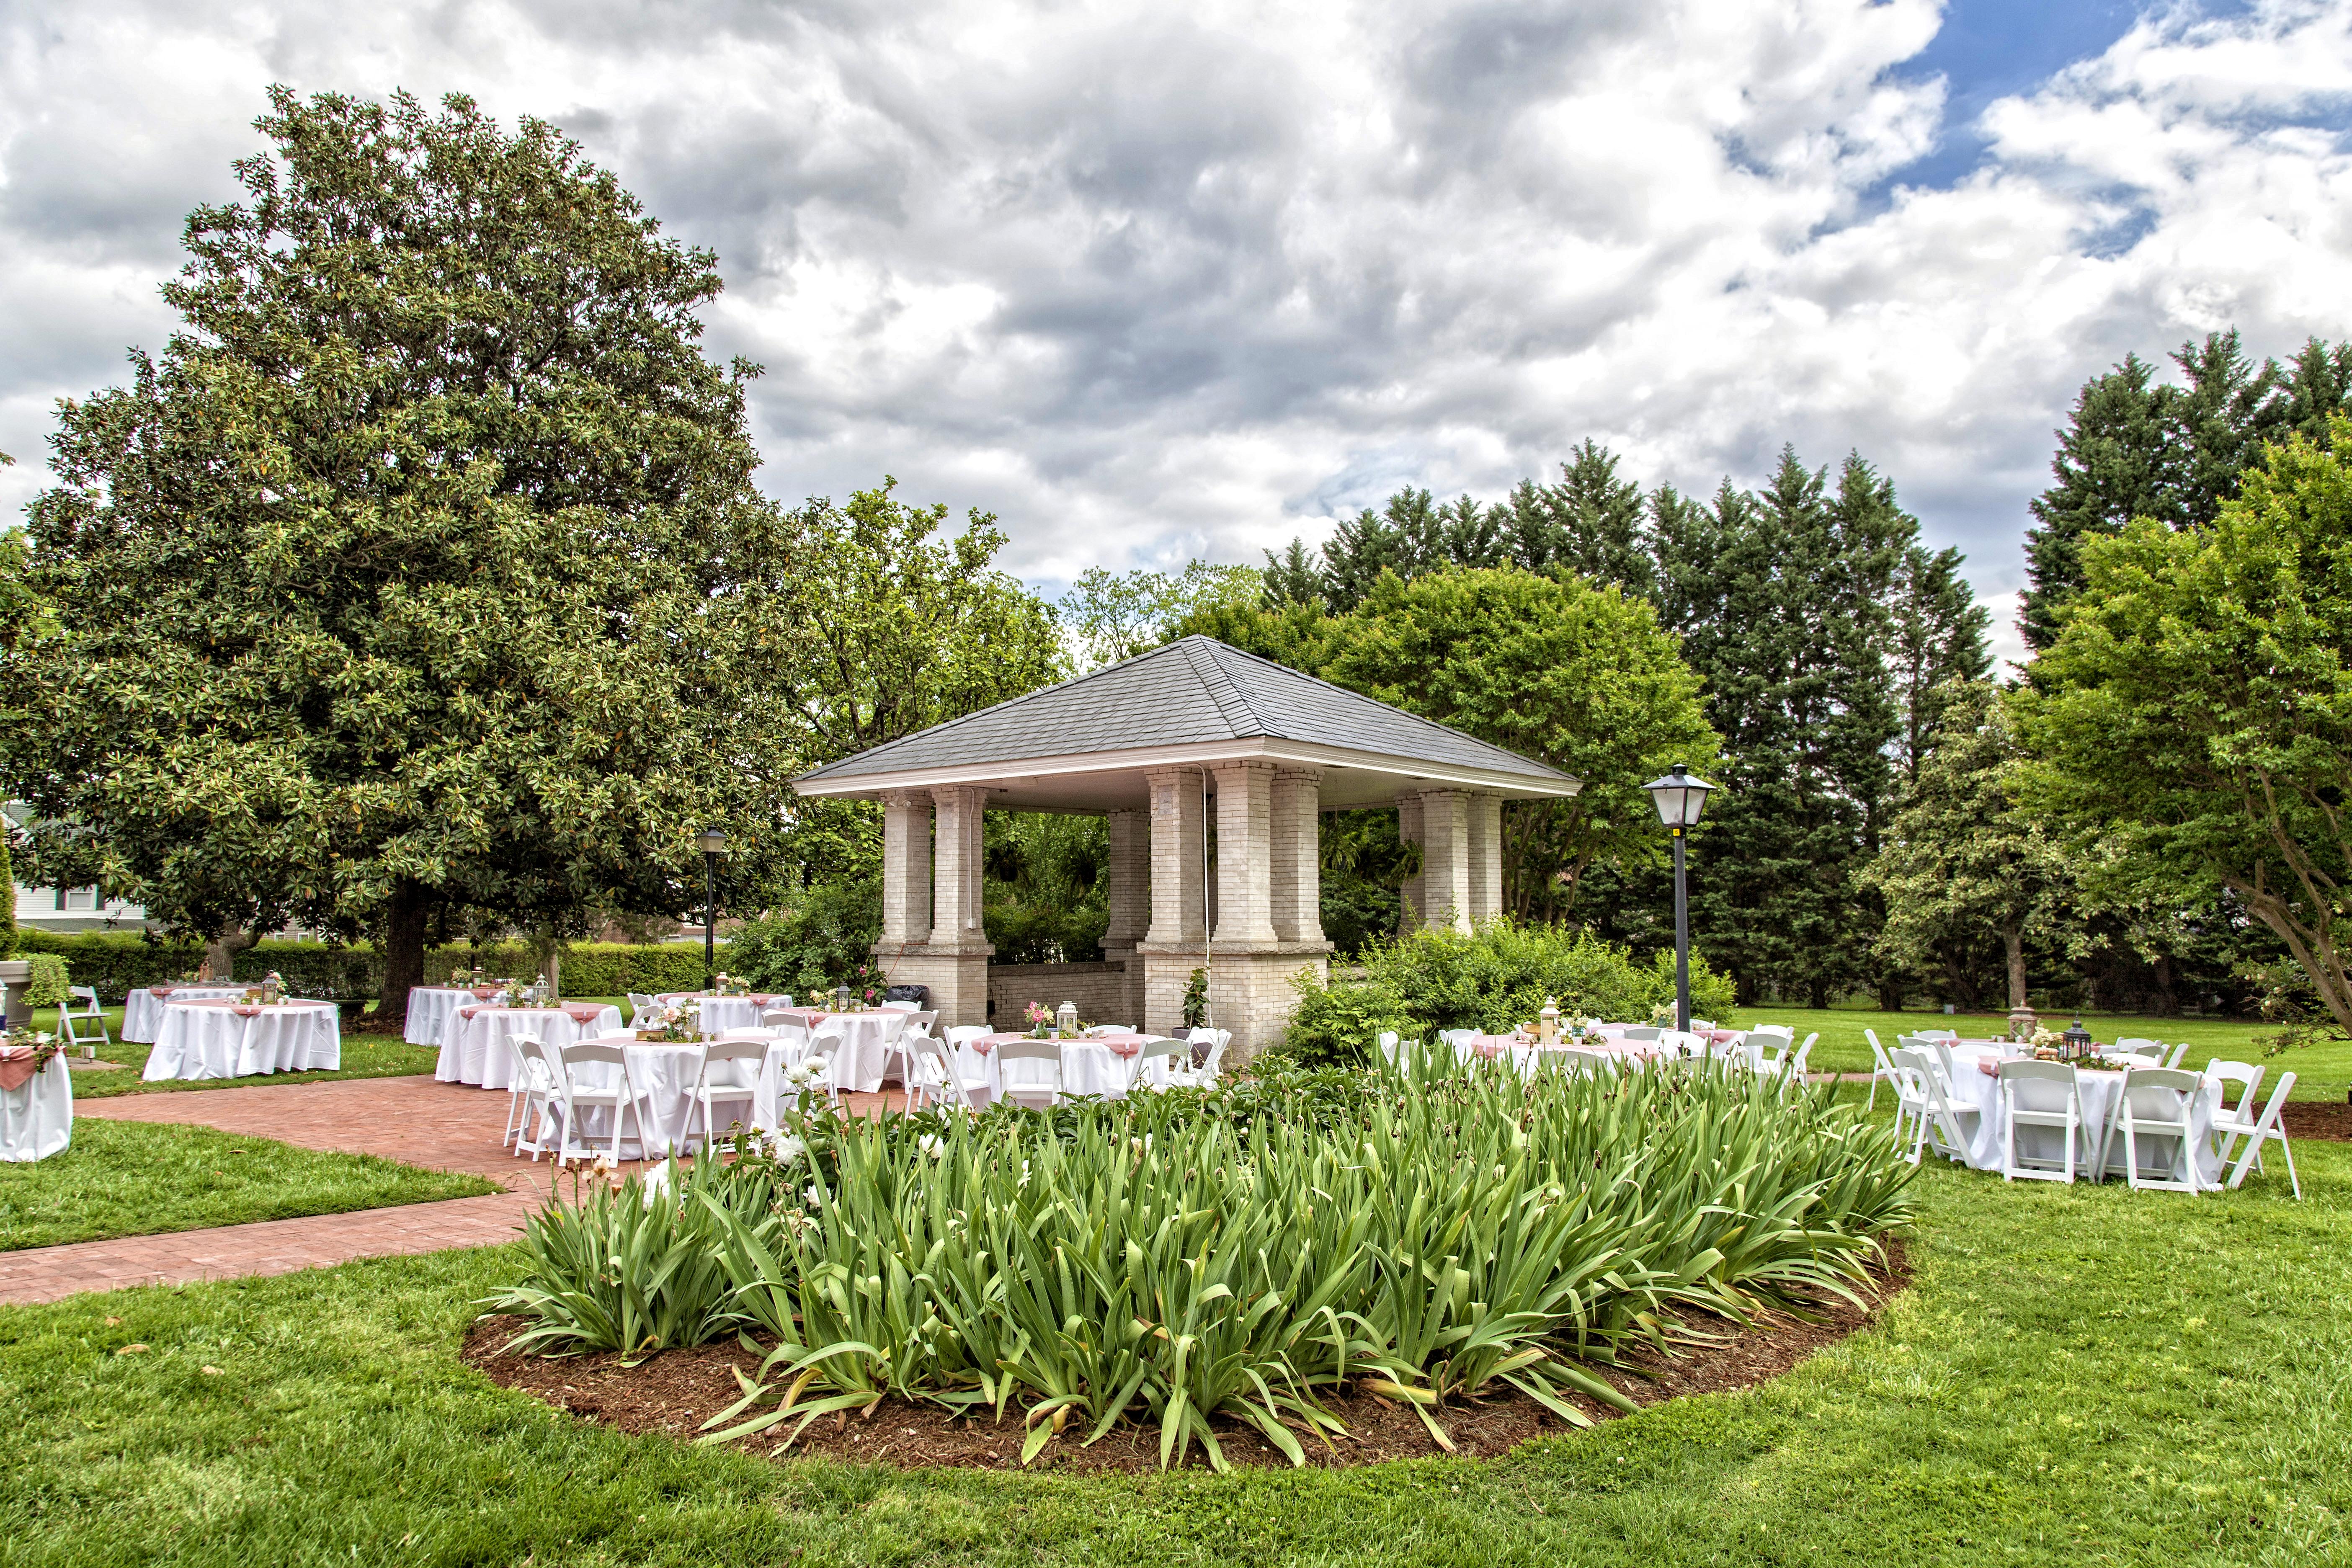 Gazebo for wedding at Penn House